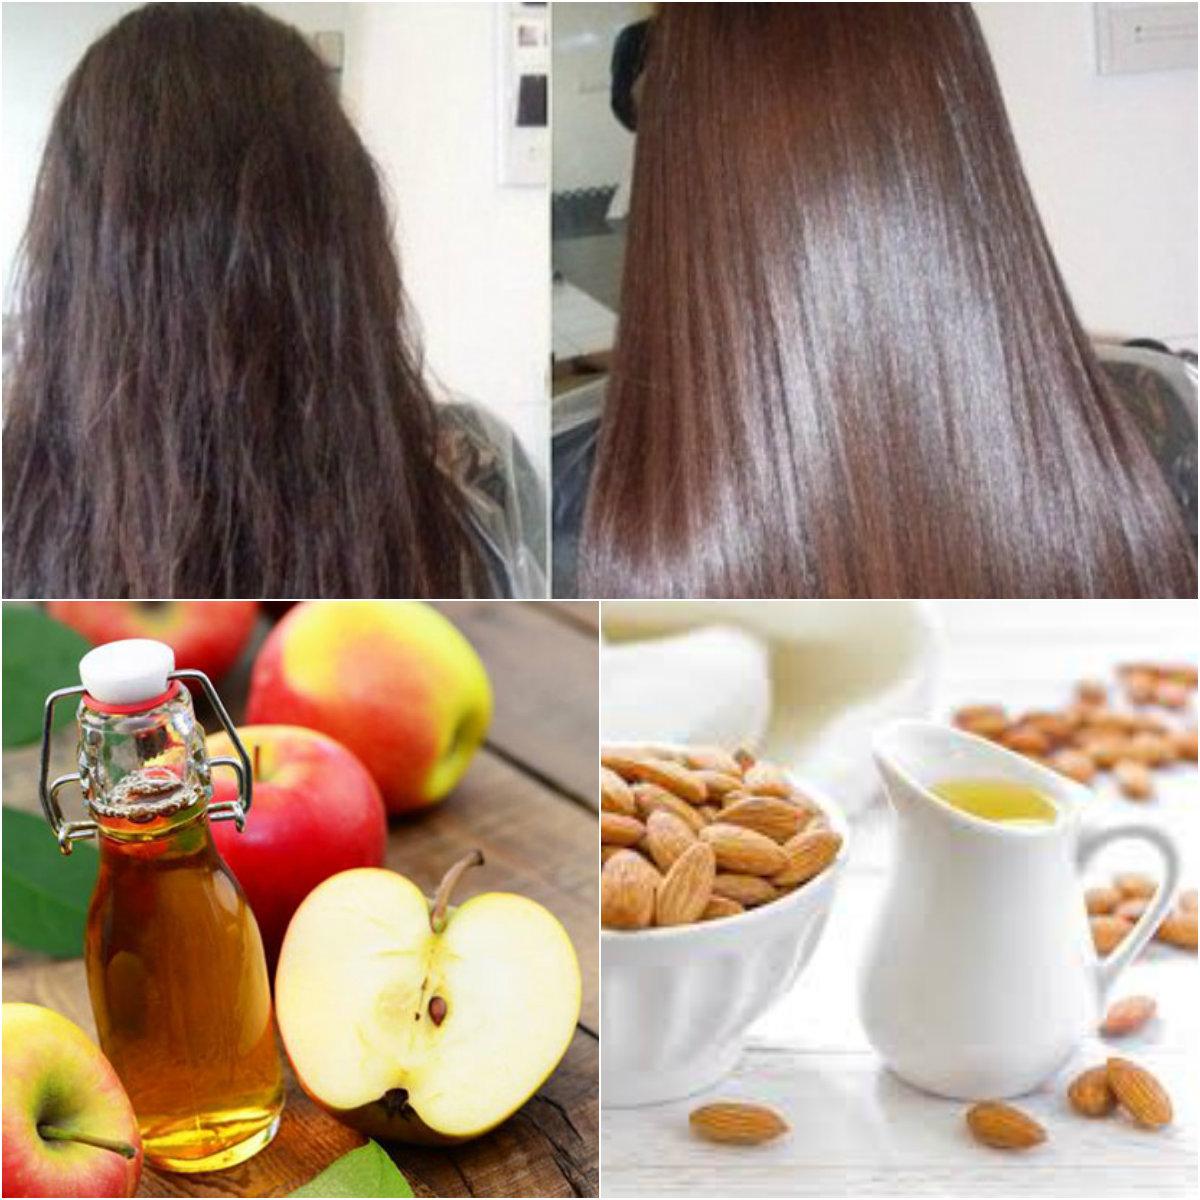 Яблочный уксус для волос. Применение. Как полоскать волосы яблочным уксусом